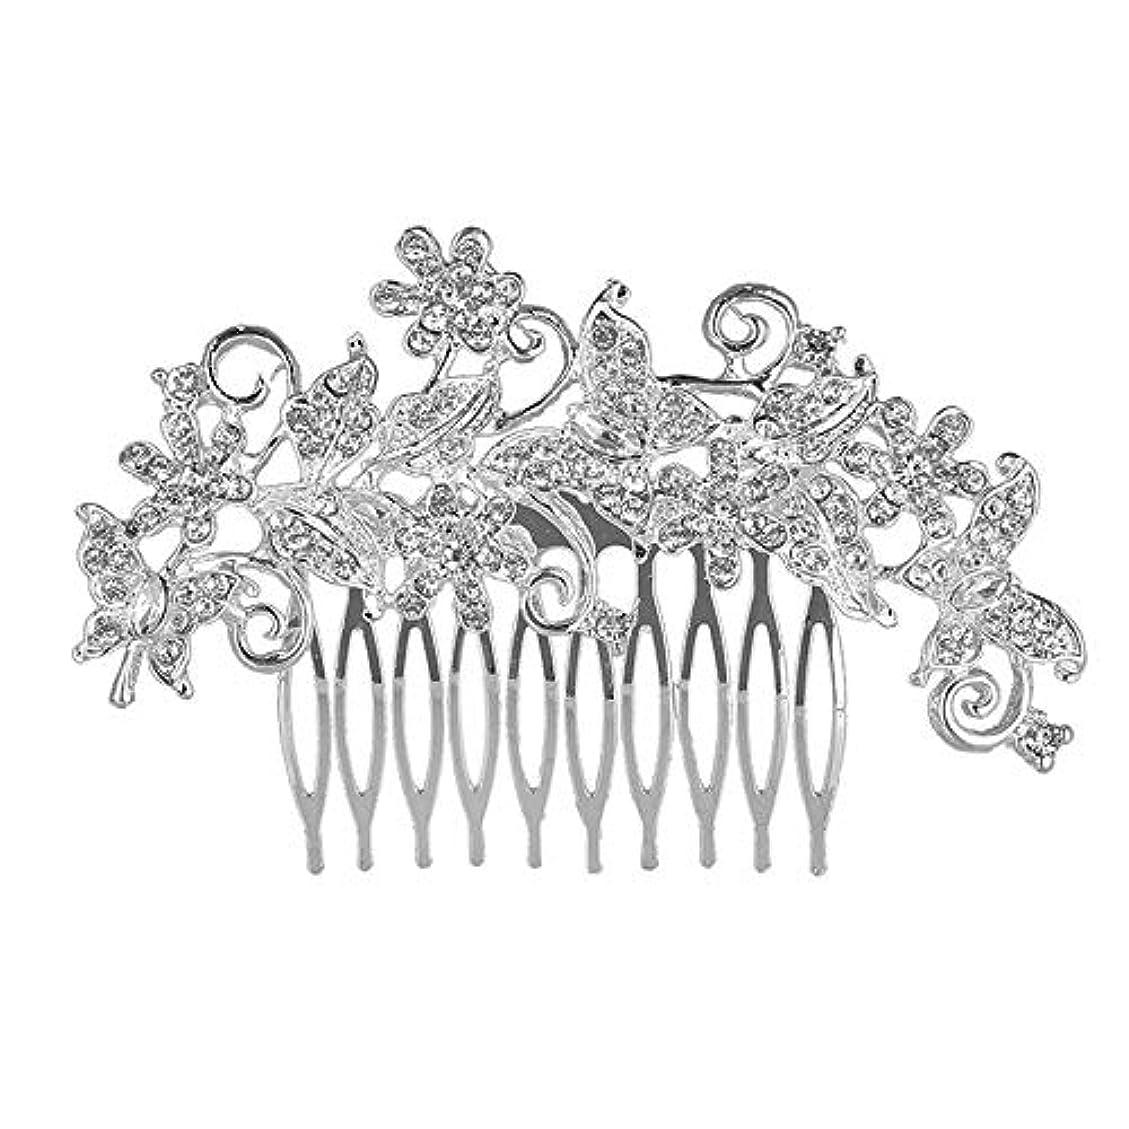 学者輸送乱闘韓国のヘアアクセサリー_韓国の花嫁のヘアアクセサリー日の花のヘッドドレスファッションヘアコーム花嫁合金結婚式結婚式卸売